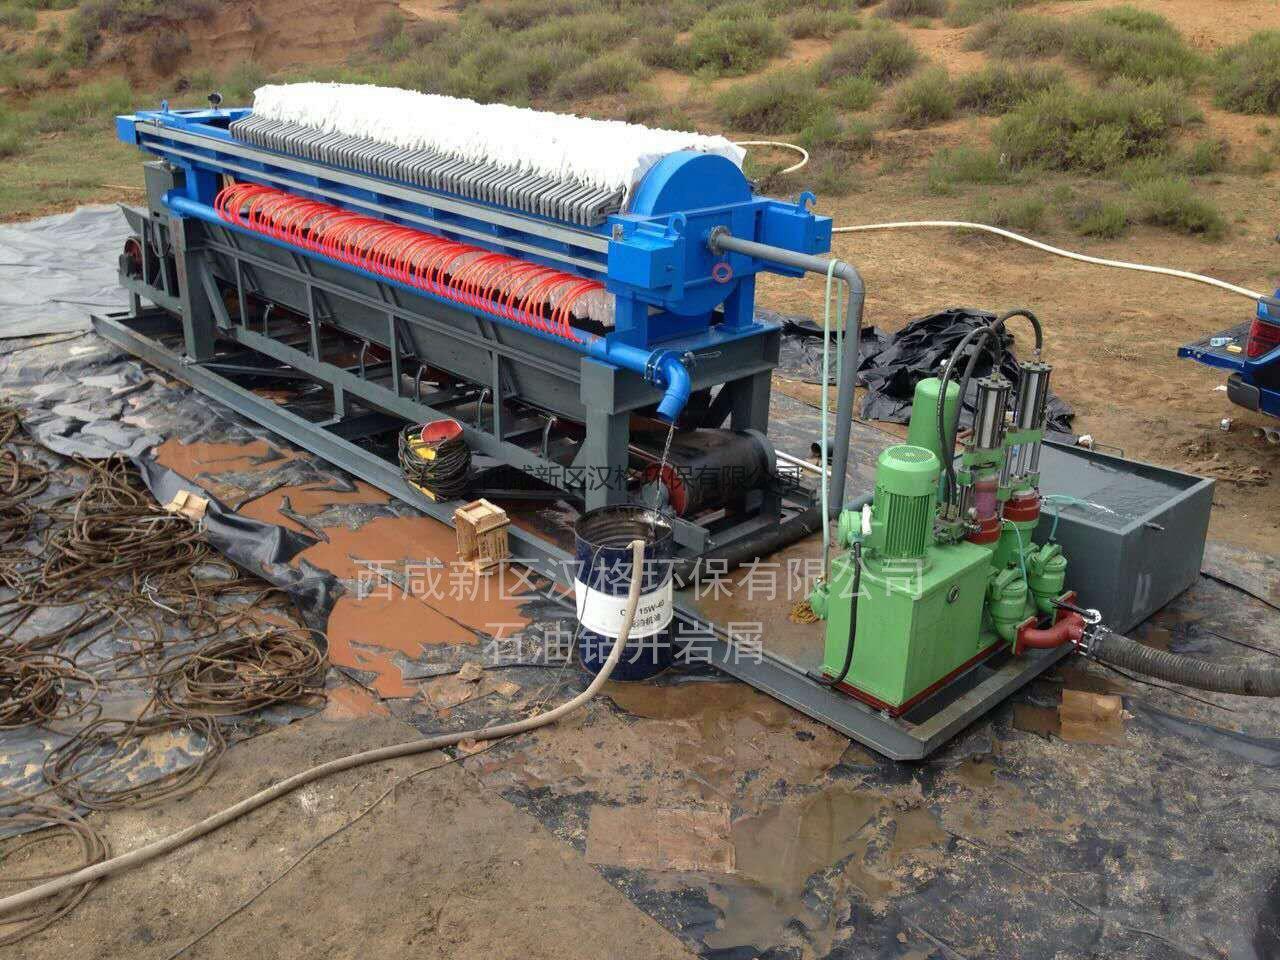 威尼斯官方网站压滤机石油行业案例图片